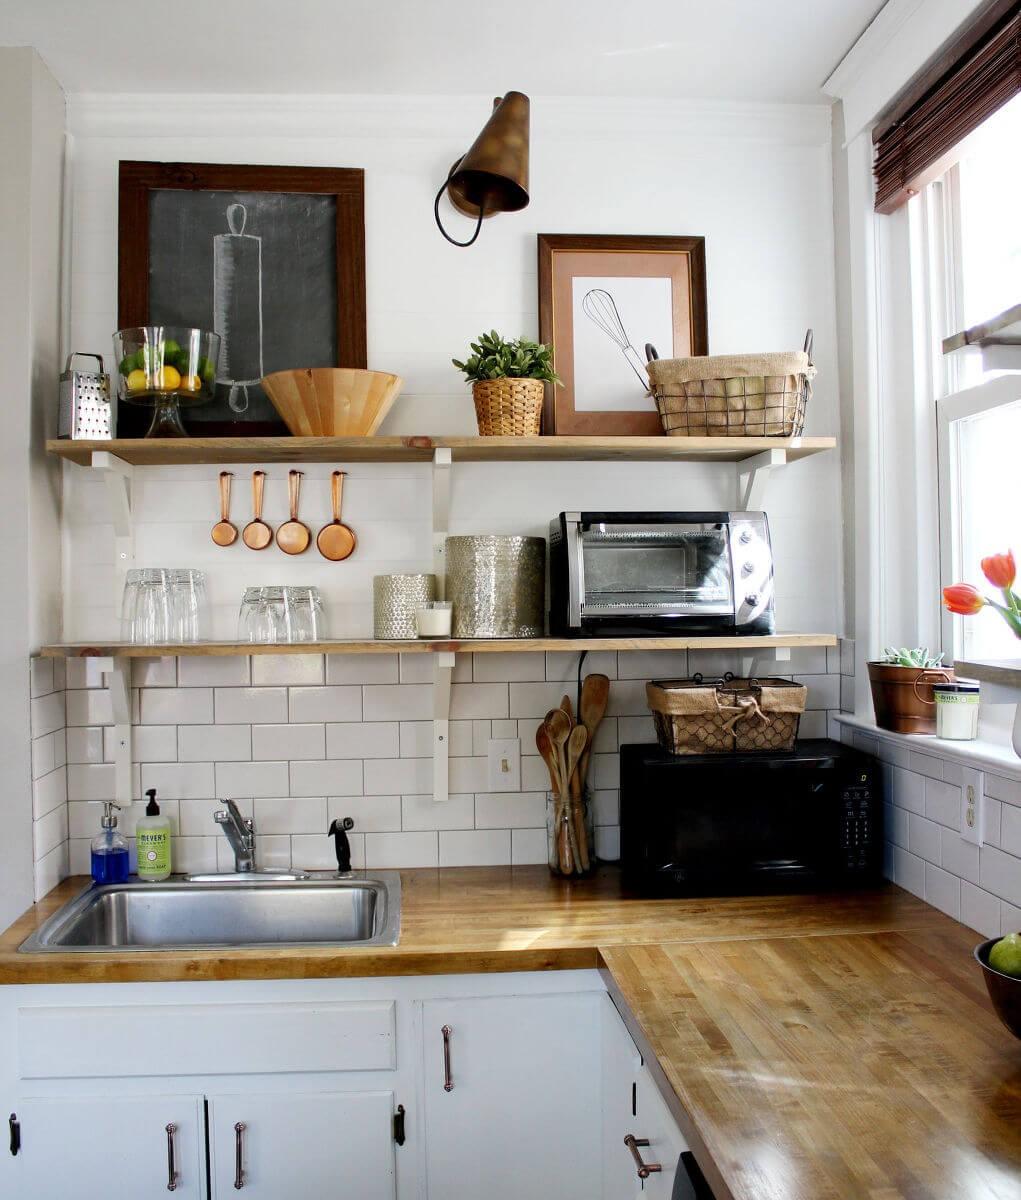 Không nên cất trữ nhiều chất tẩy rửa trong nhà